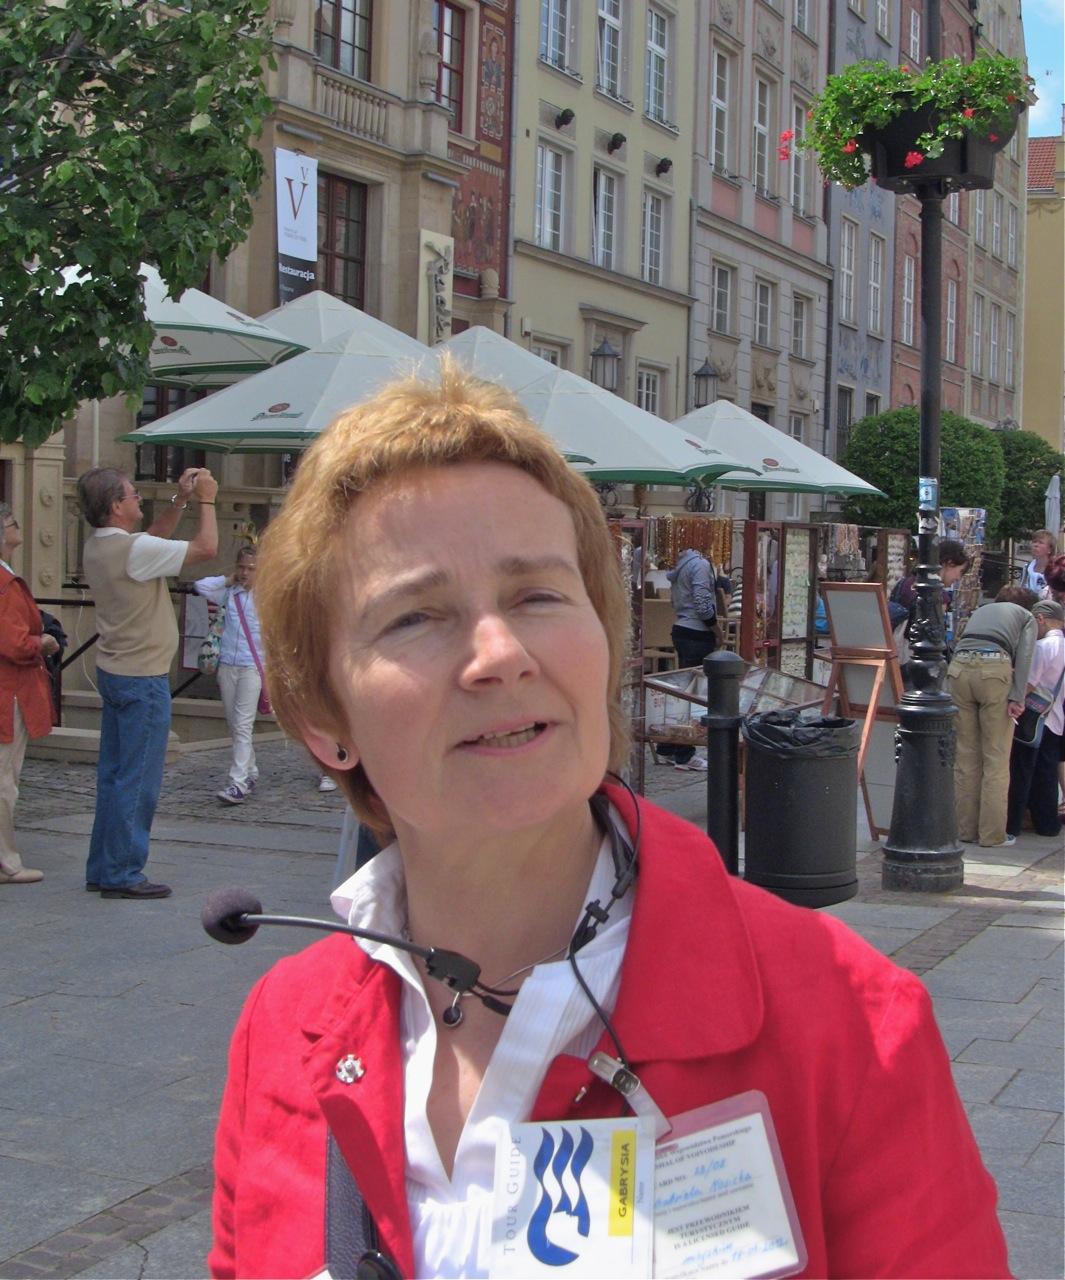 http://ibedeker.pl/wp-content/uploads/2009/12/IMG_5327.jpg